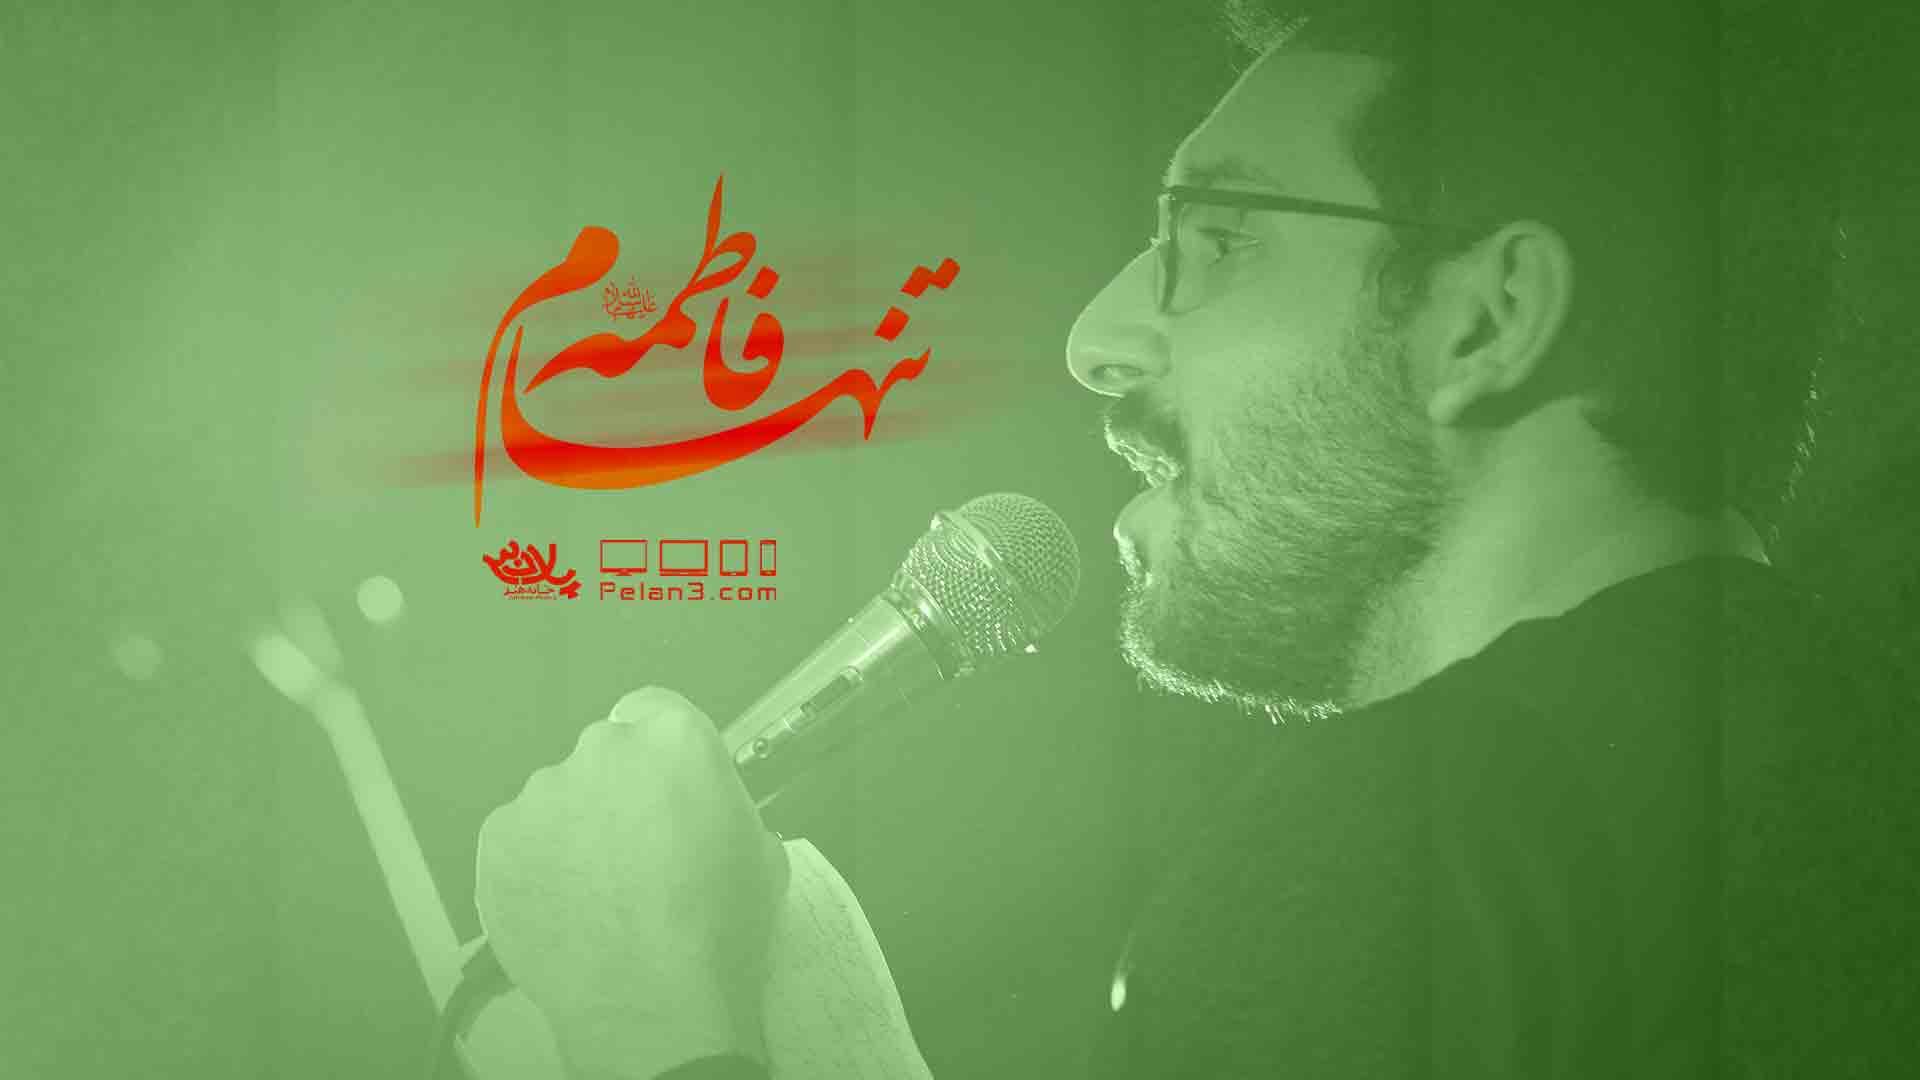 تنهام فاطمه علی اکبر حائری